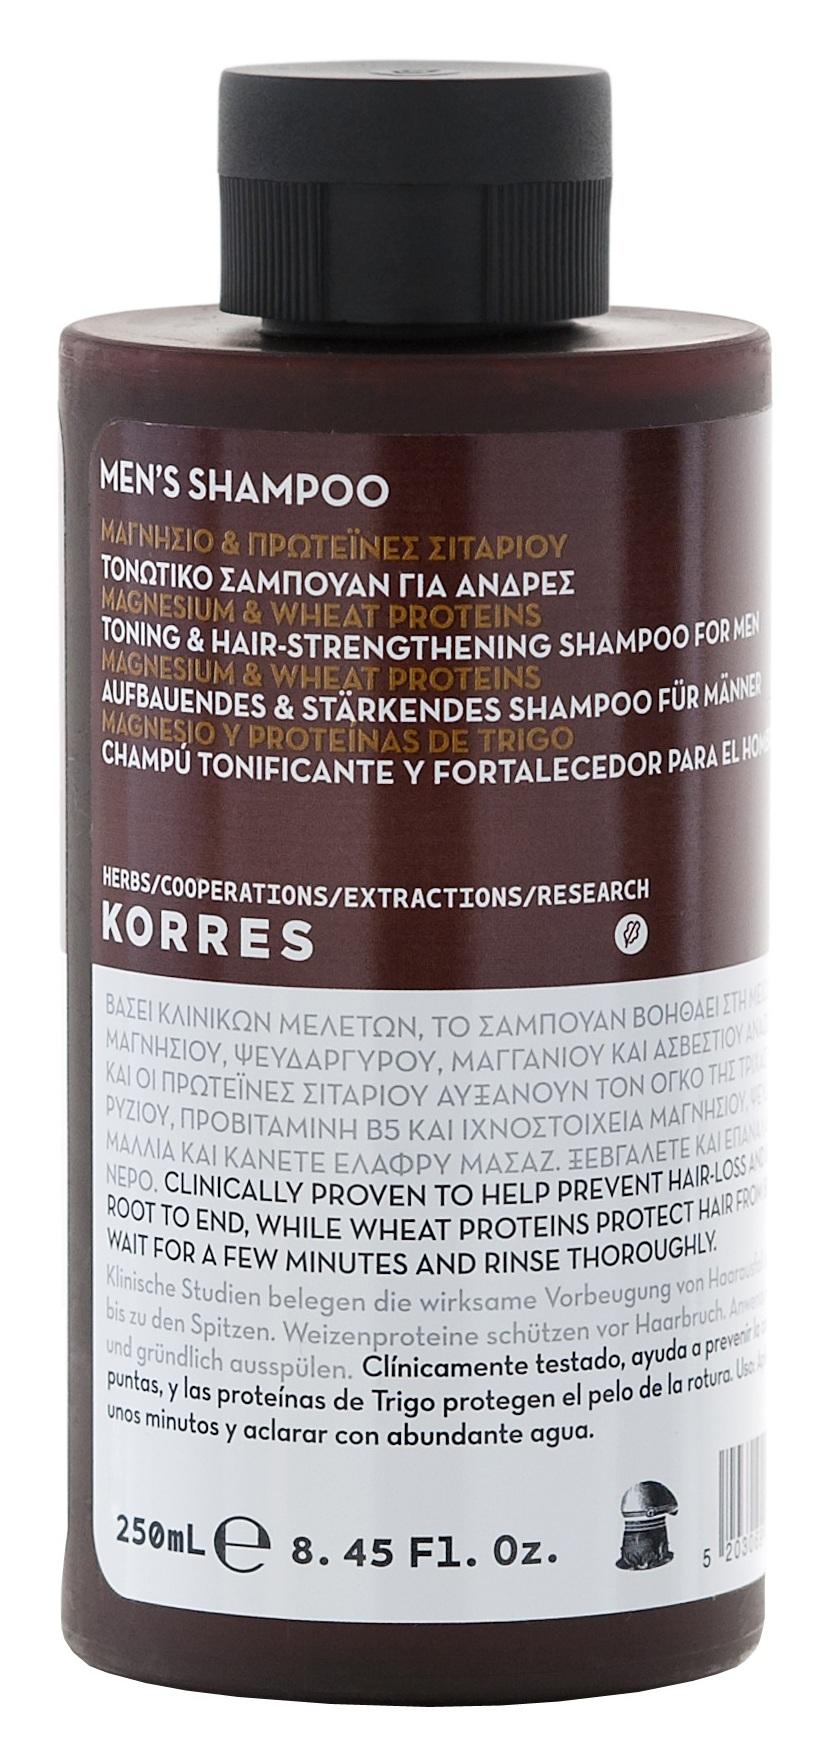 KORRES Шампунь тонизирующий и укрепляющий для мужчин, магний протеины пшеницы 250 мл